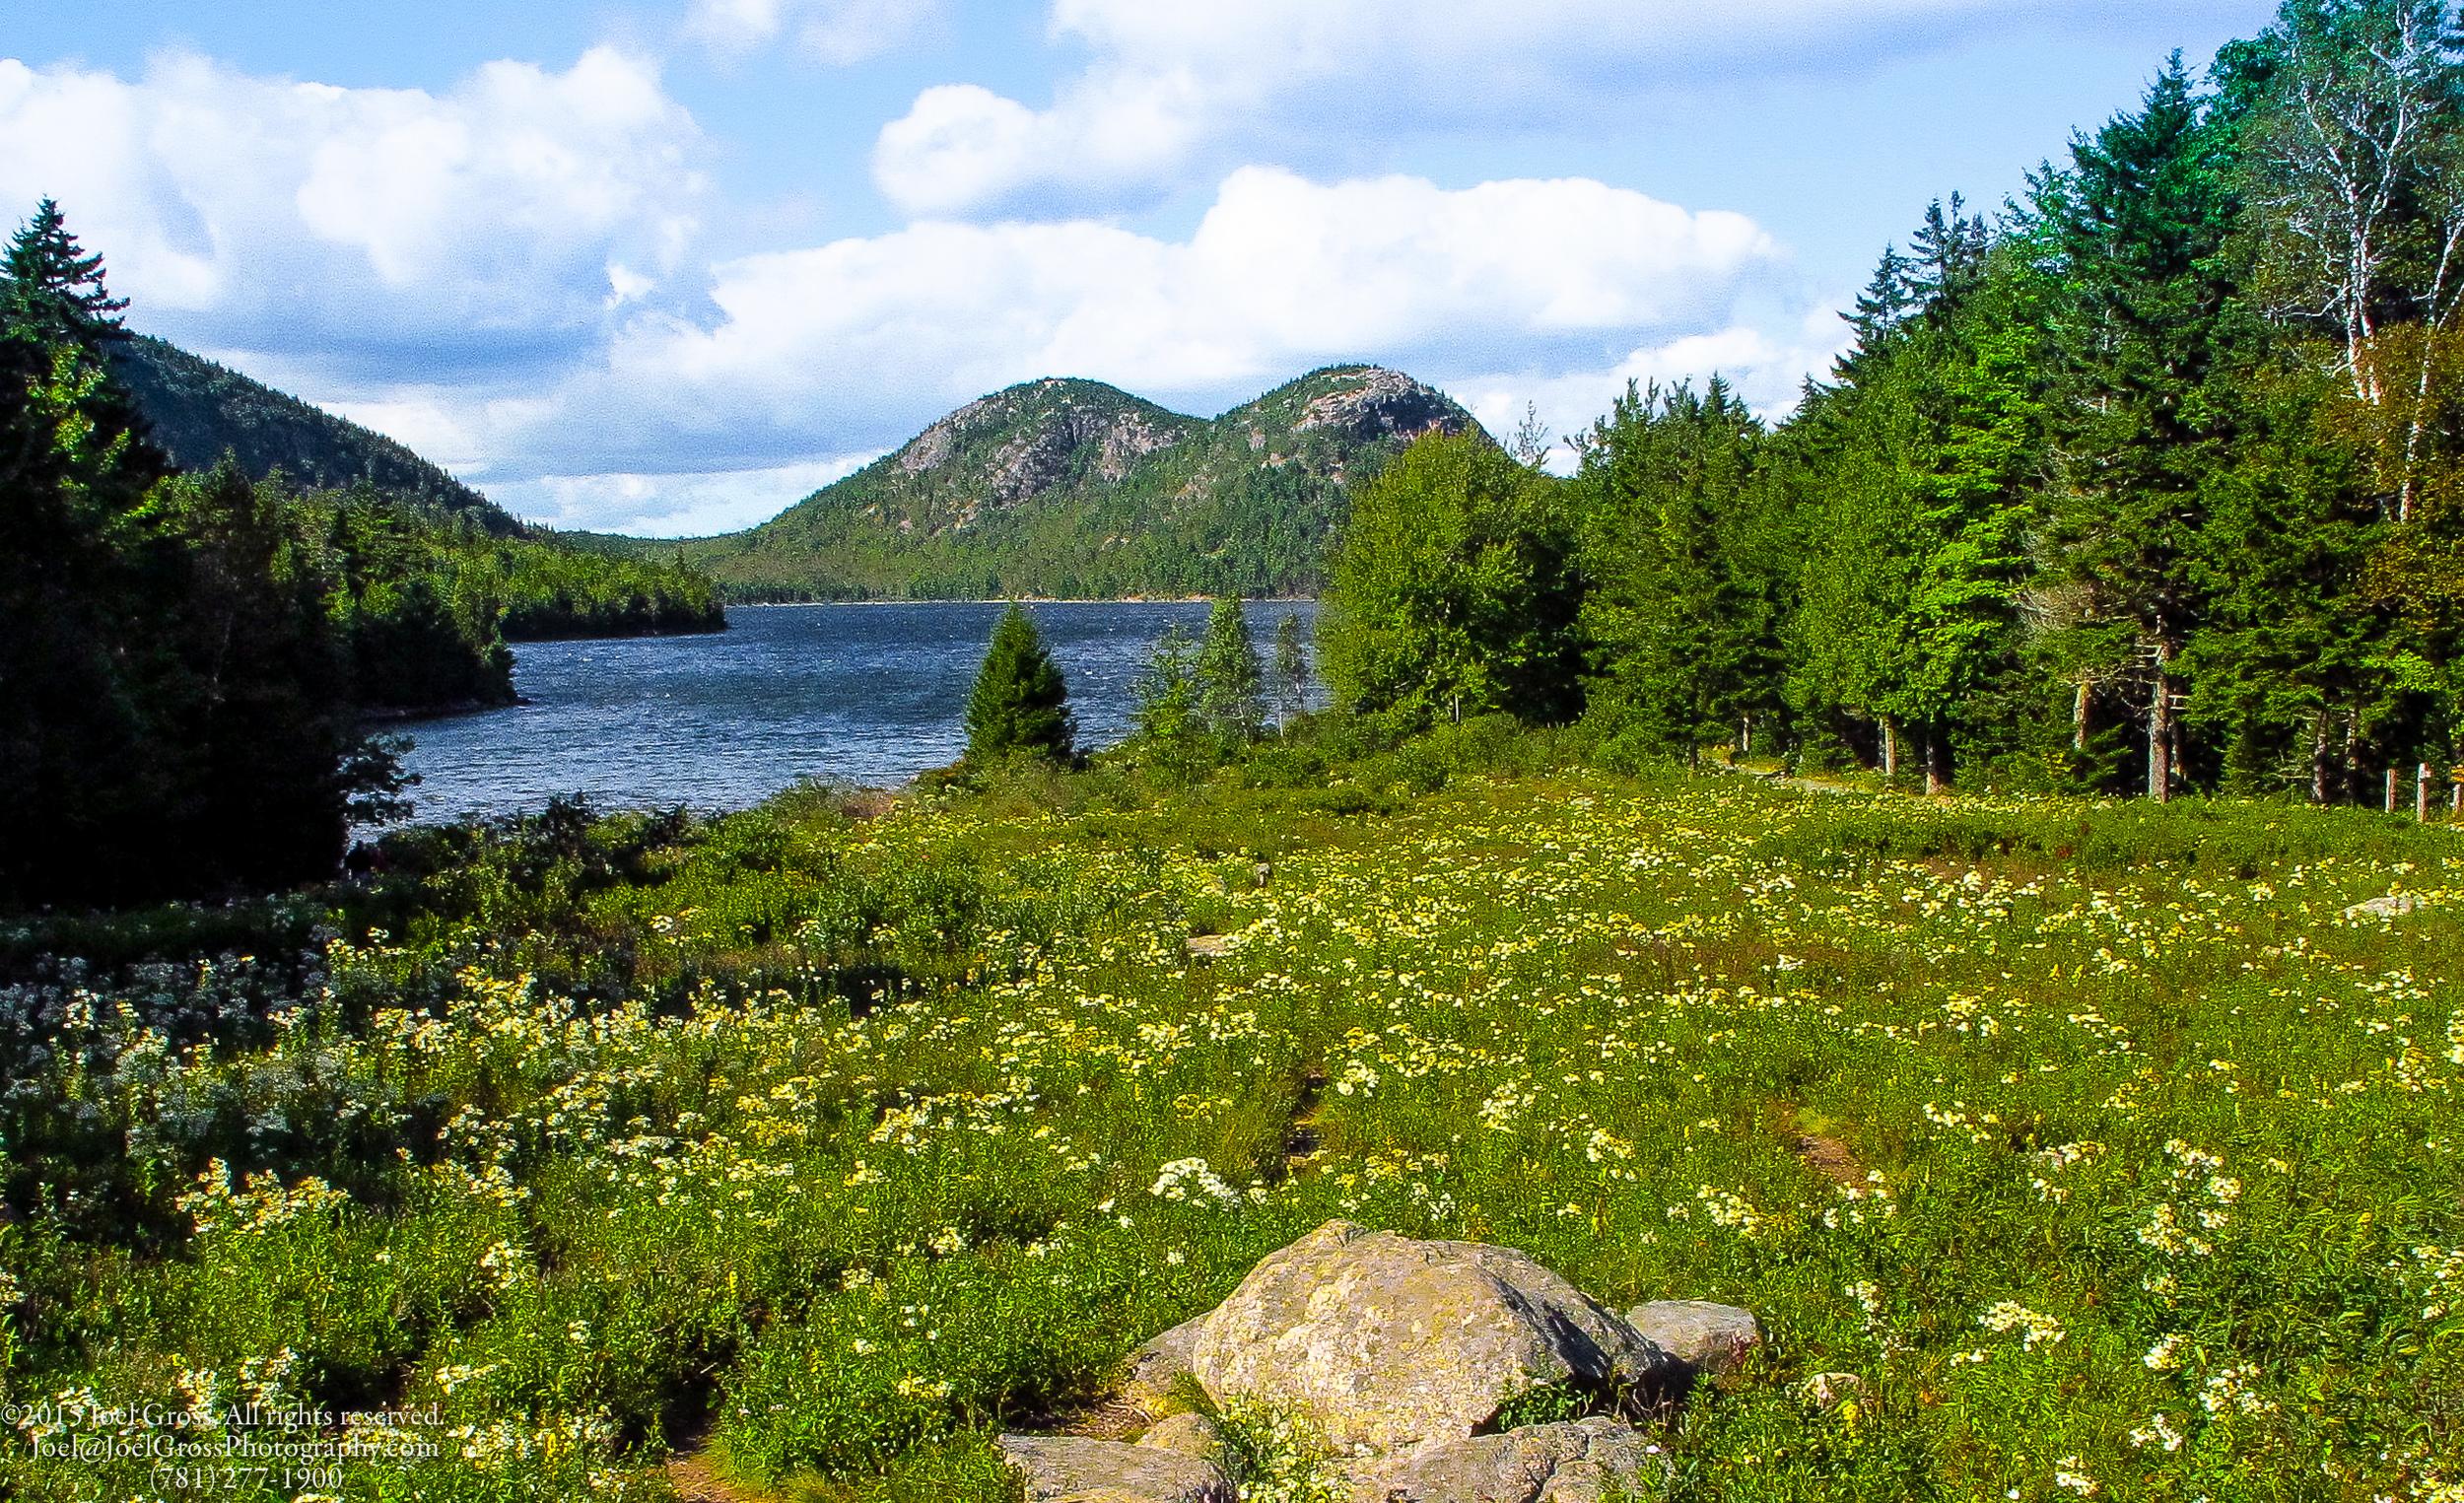 Acadia_Sep2013-0836-Edit.jpg